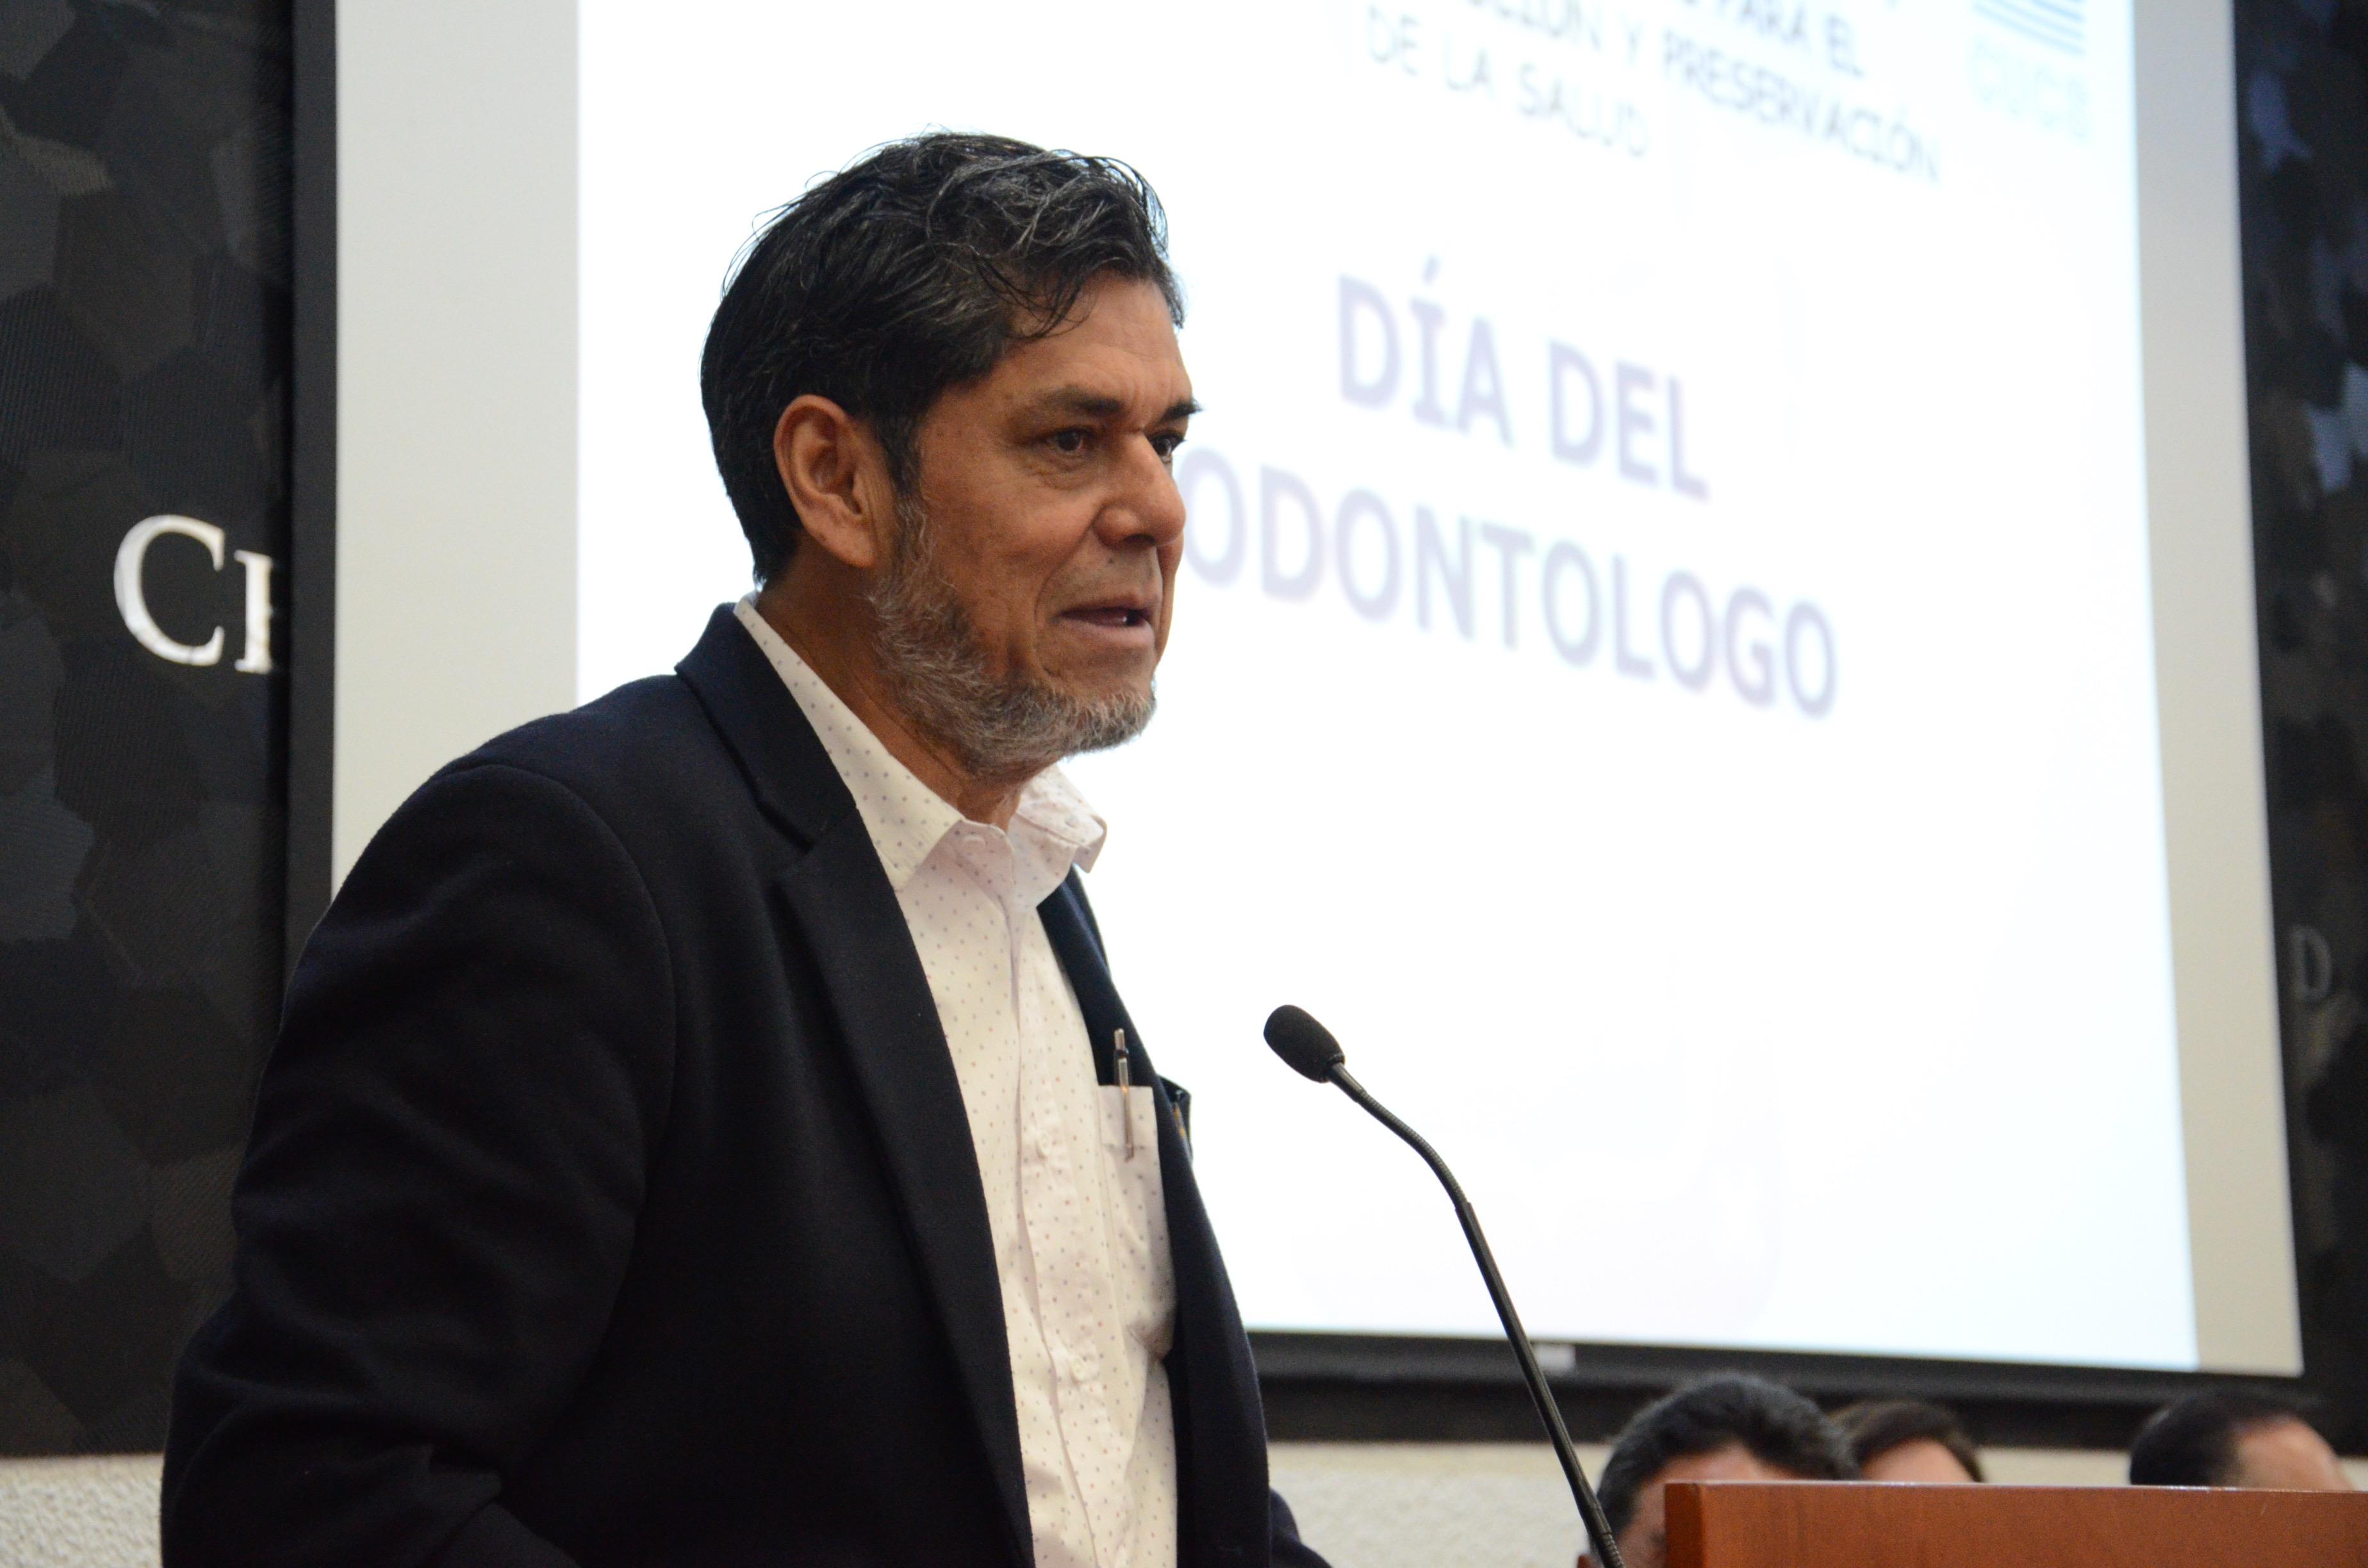 Dr. Jesús Palafox dando discurso en el pódium